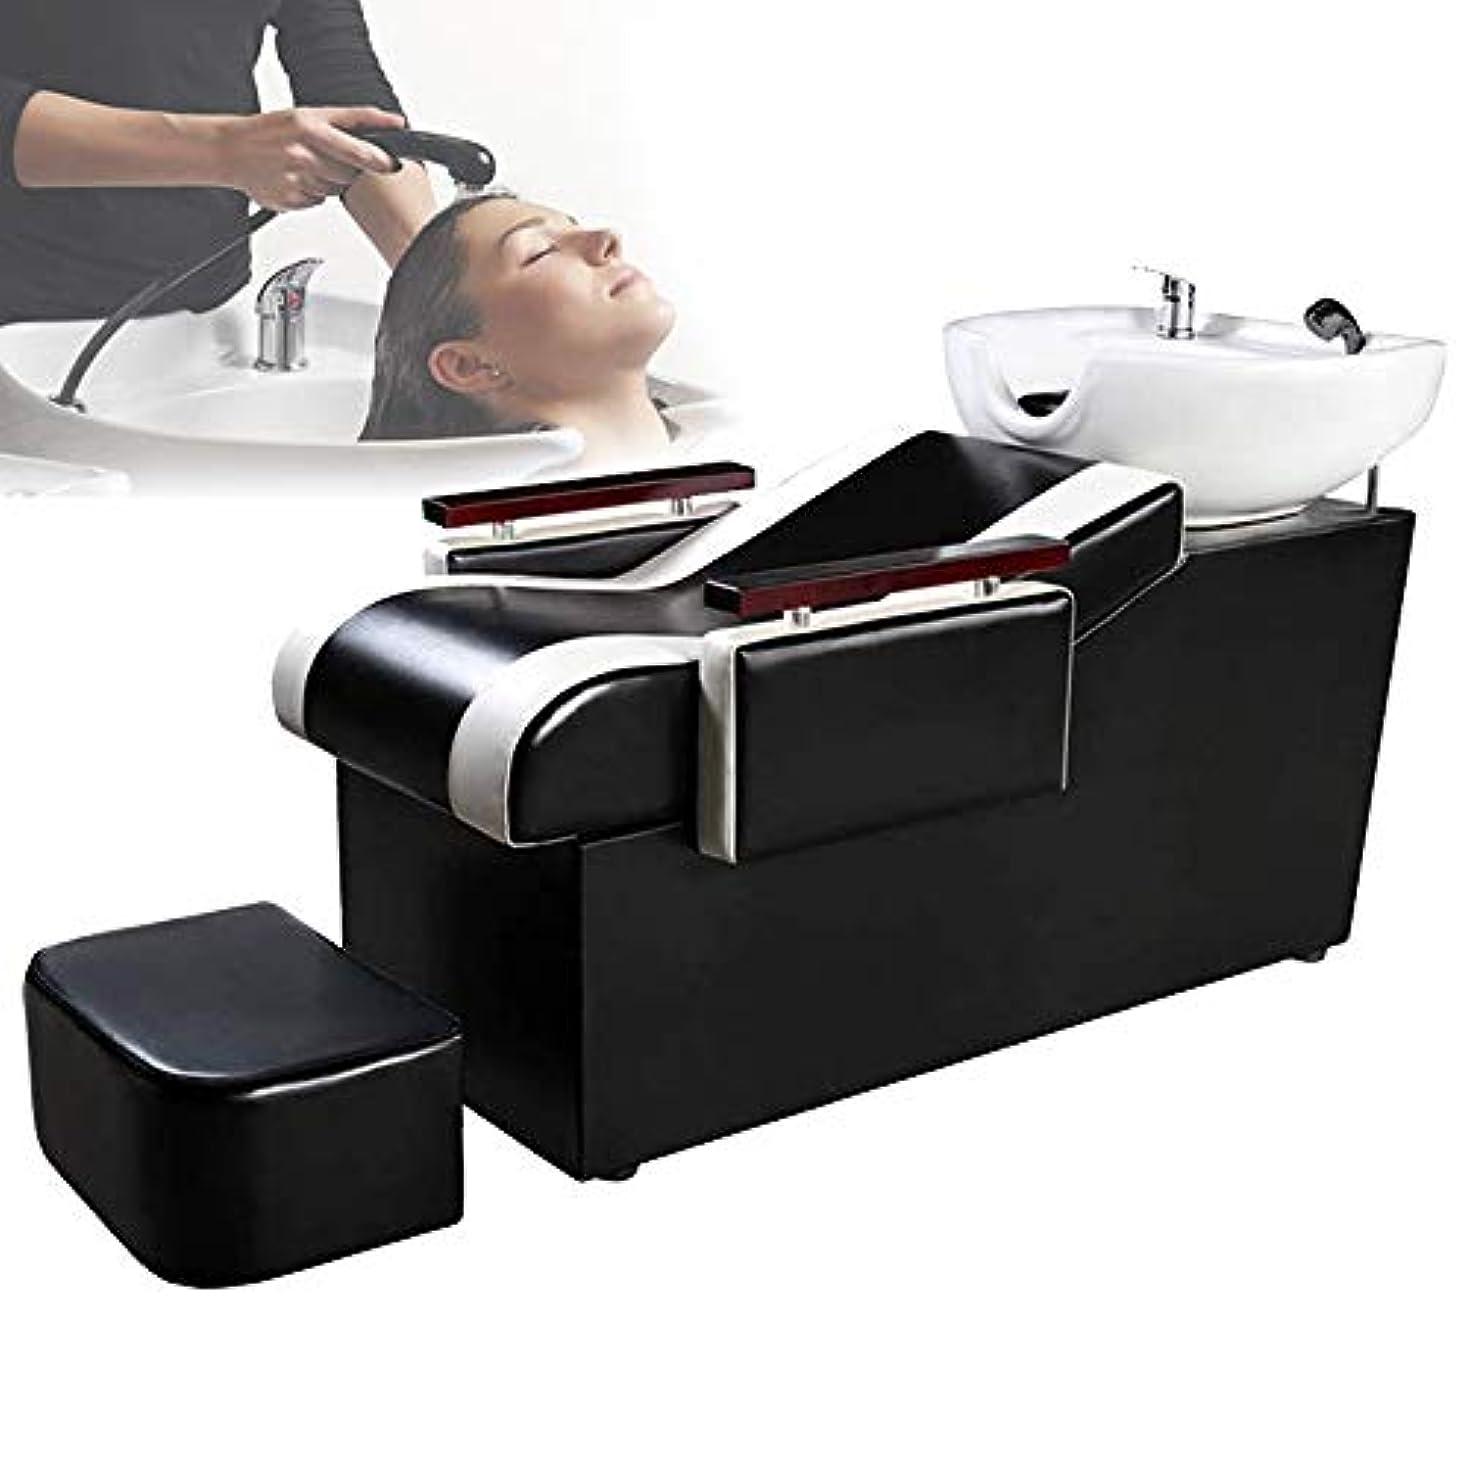 パスタそしてヒューマニスティックシャンプーベッド、バックウォッシュユニットシャンプーボウル理髪用シンクチェアスパ用美容院用機器シャンプーベッド(黒)